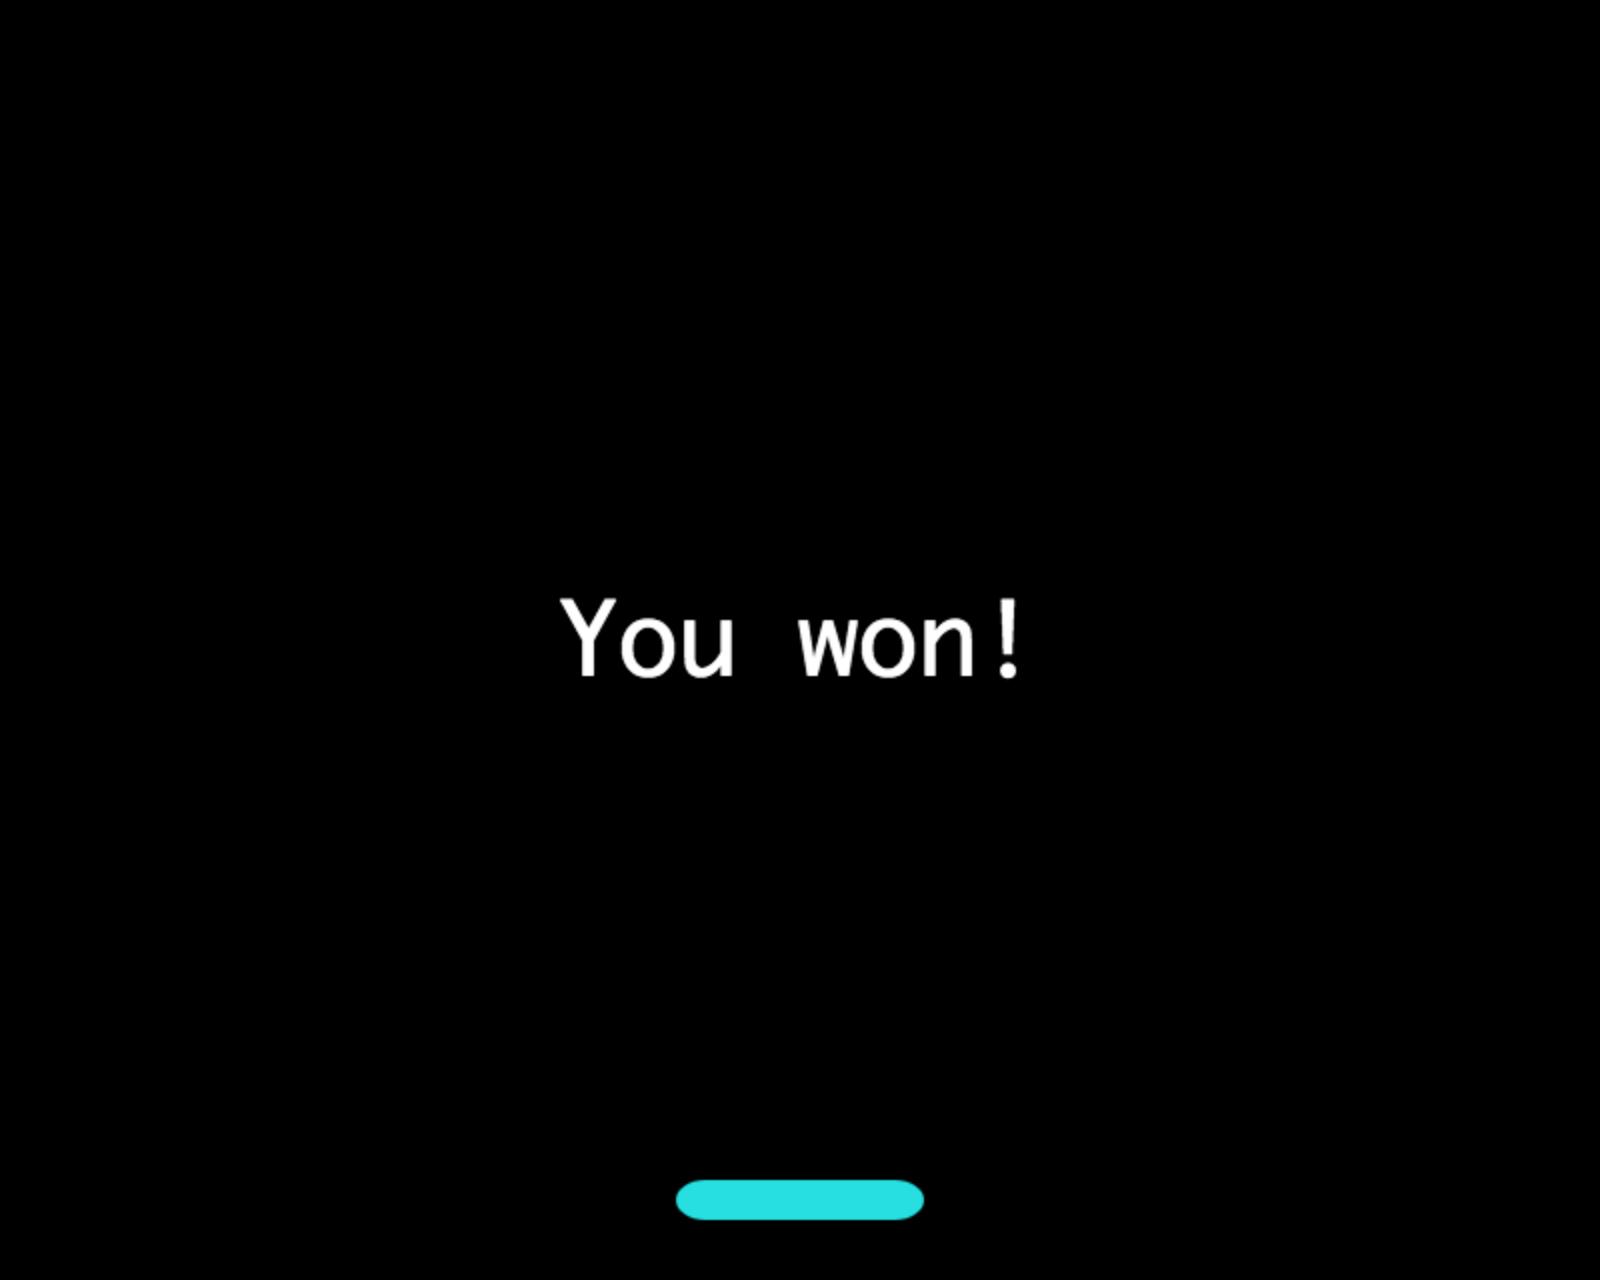 Game Won